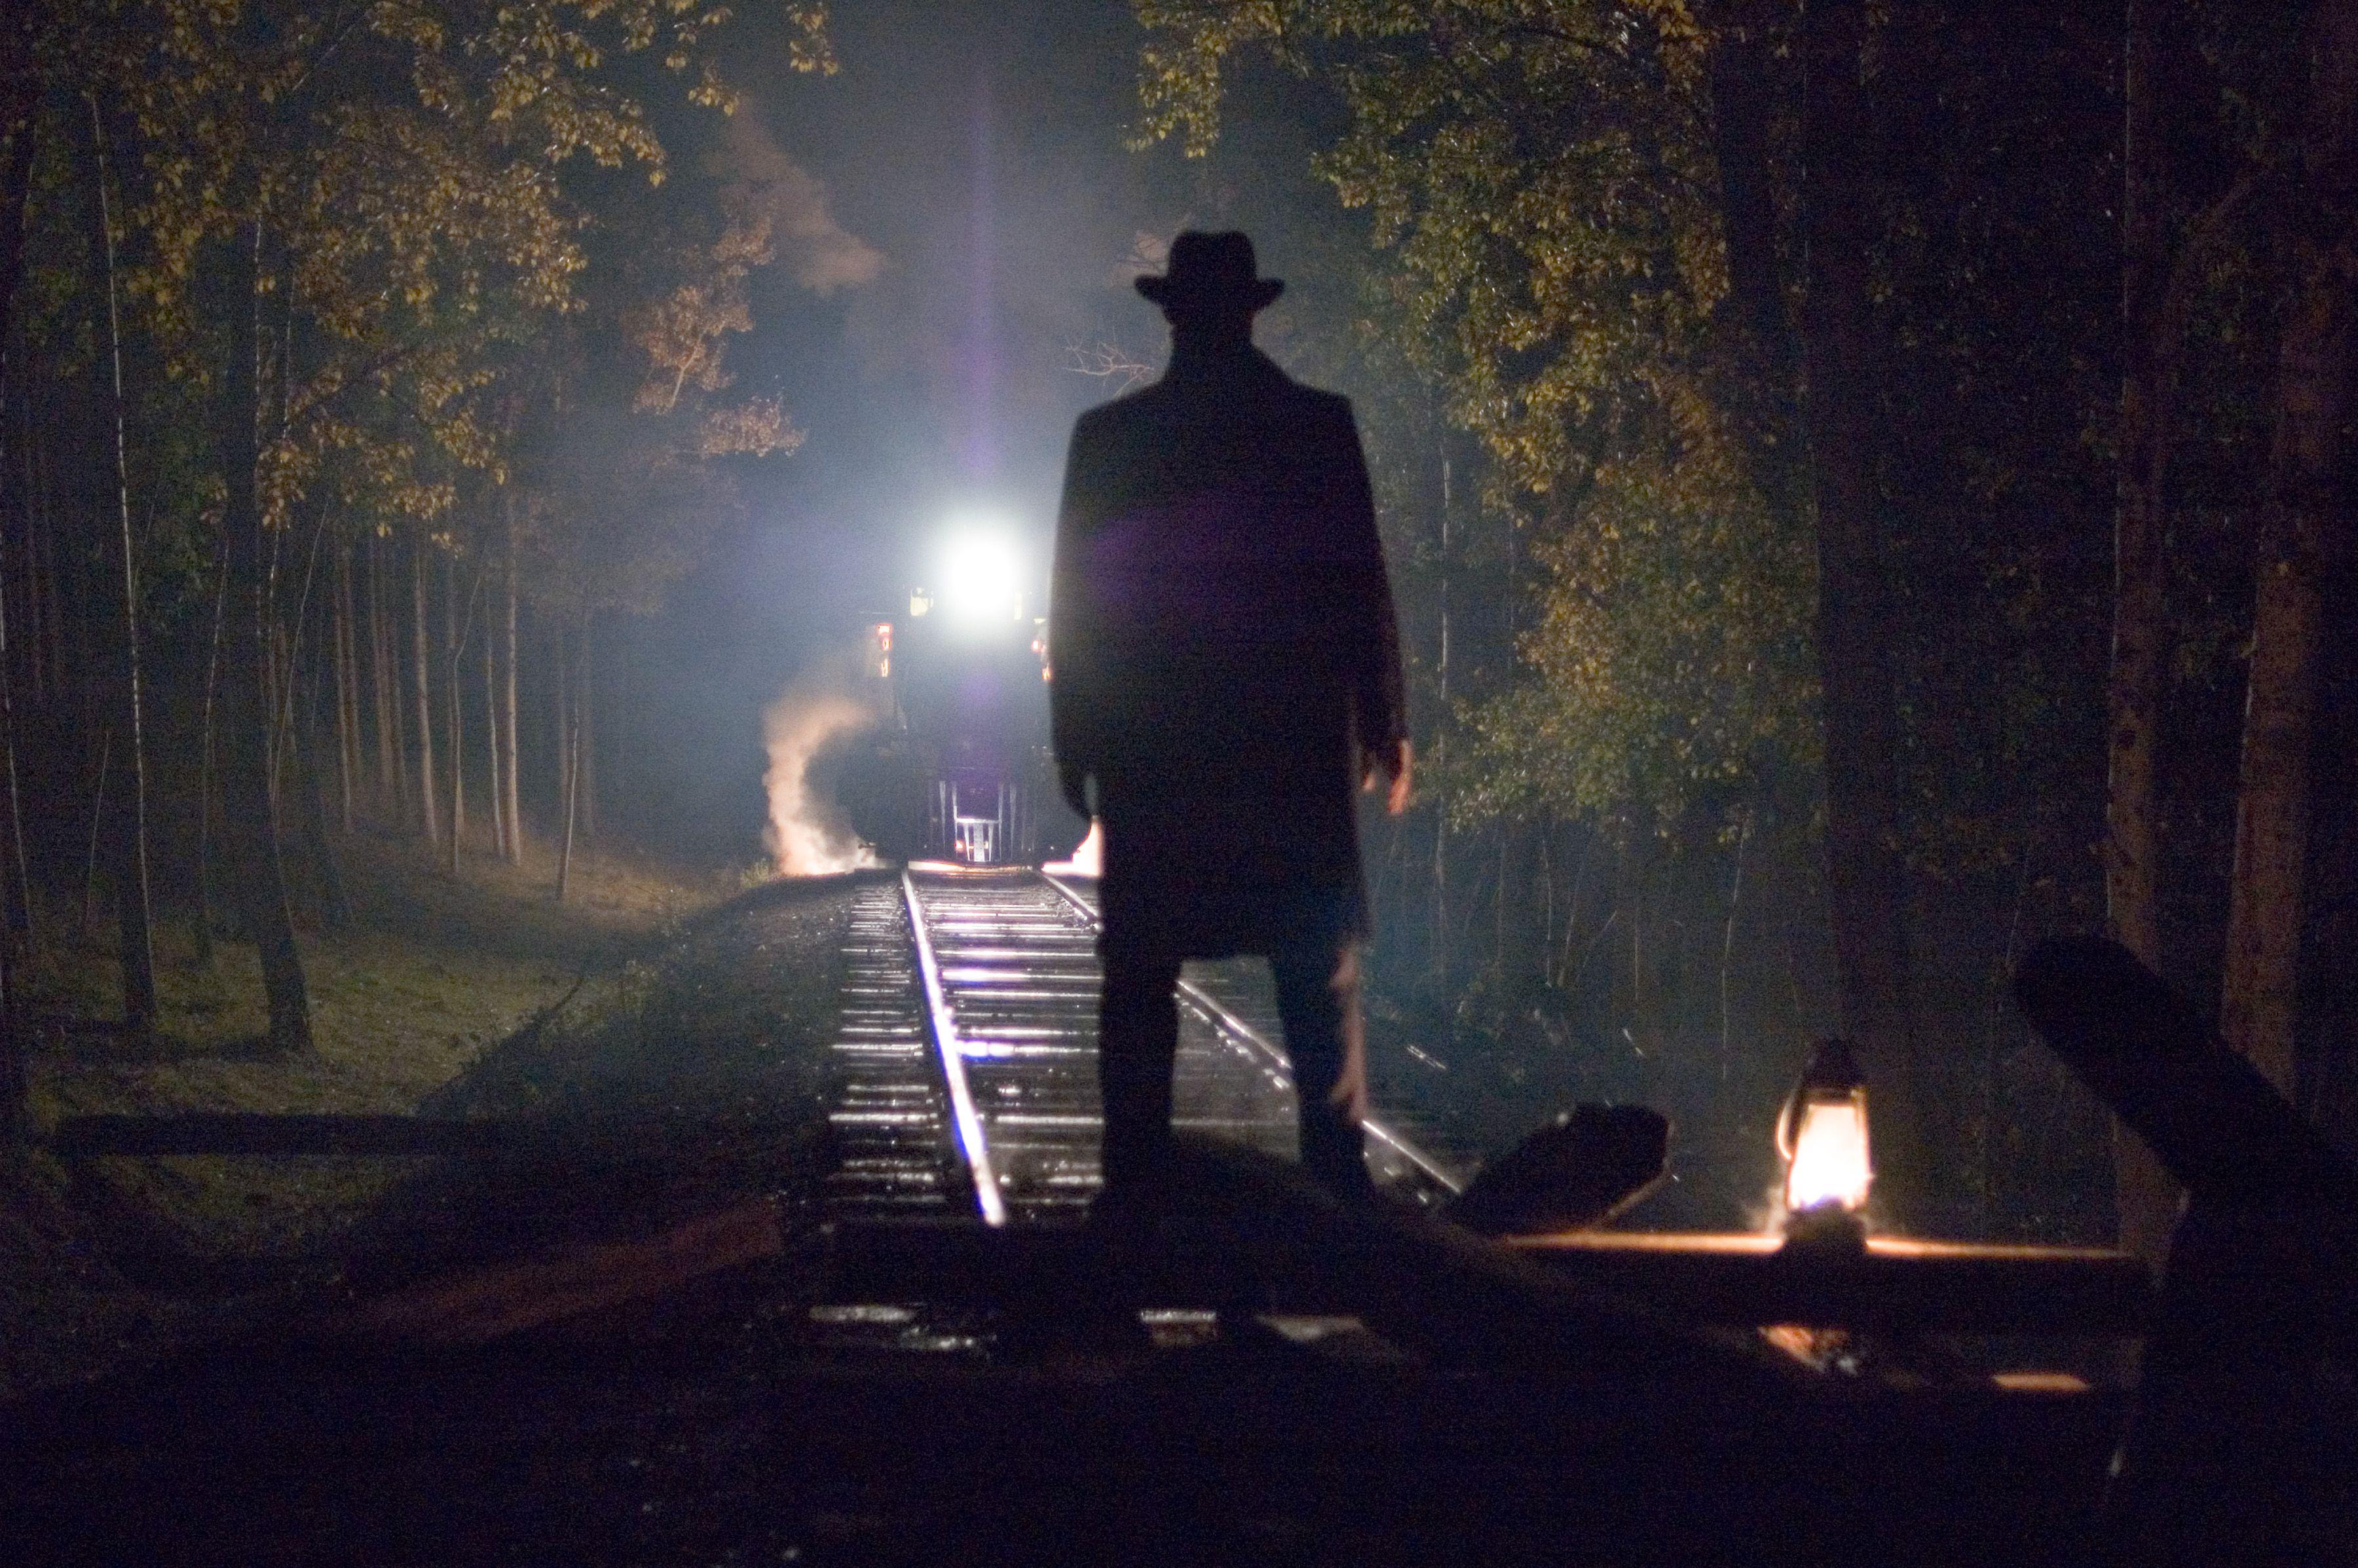 Begynnelsen på slutten for Jesse James.